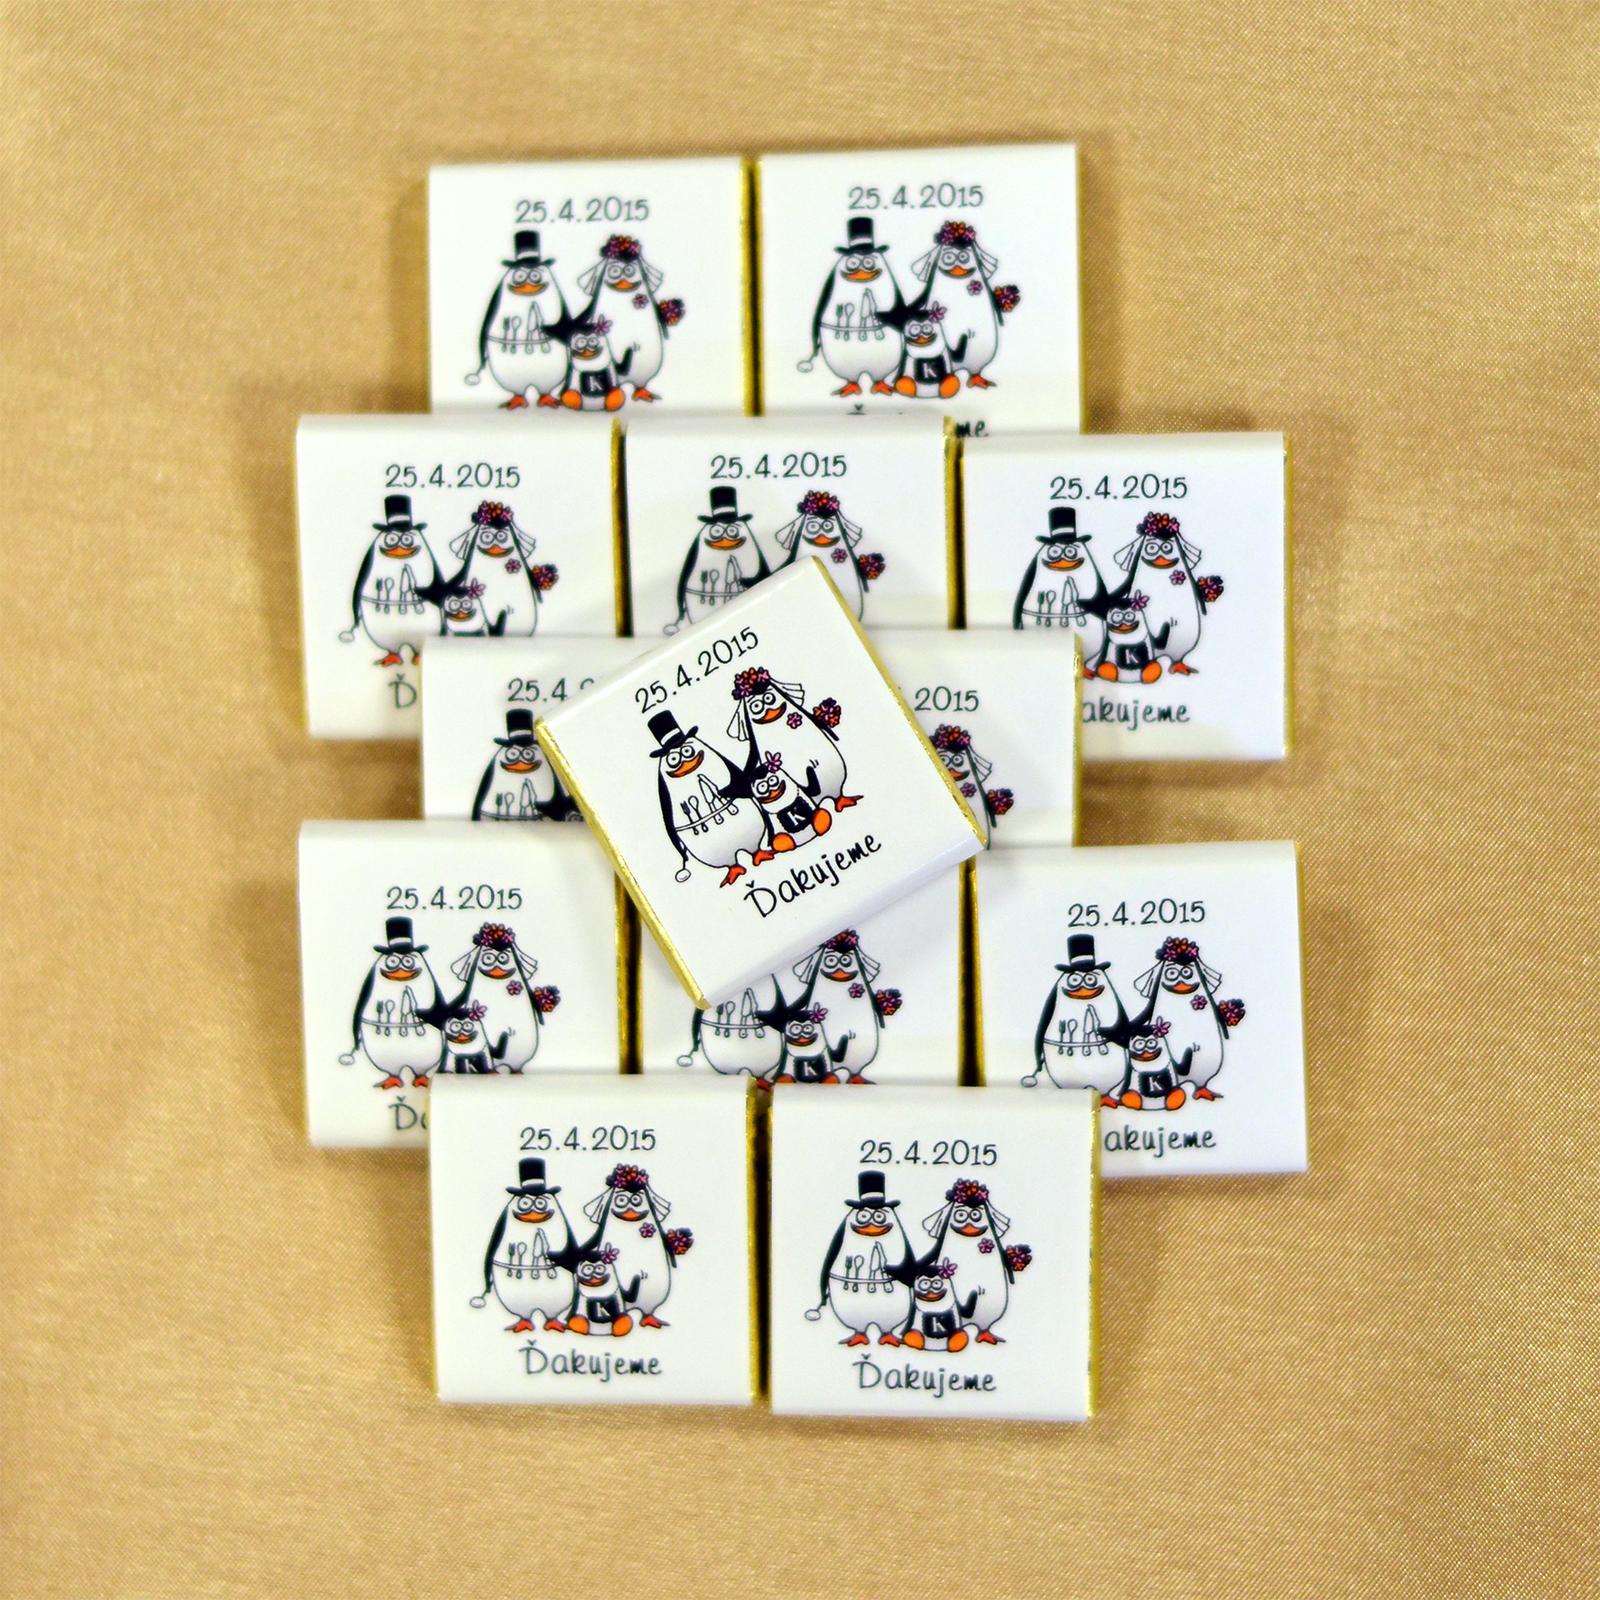 Miničokoládky - Obrázok č. 4